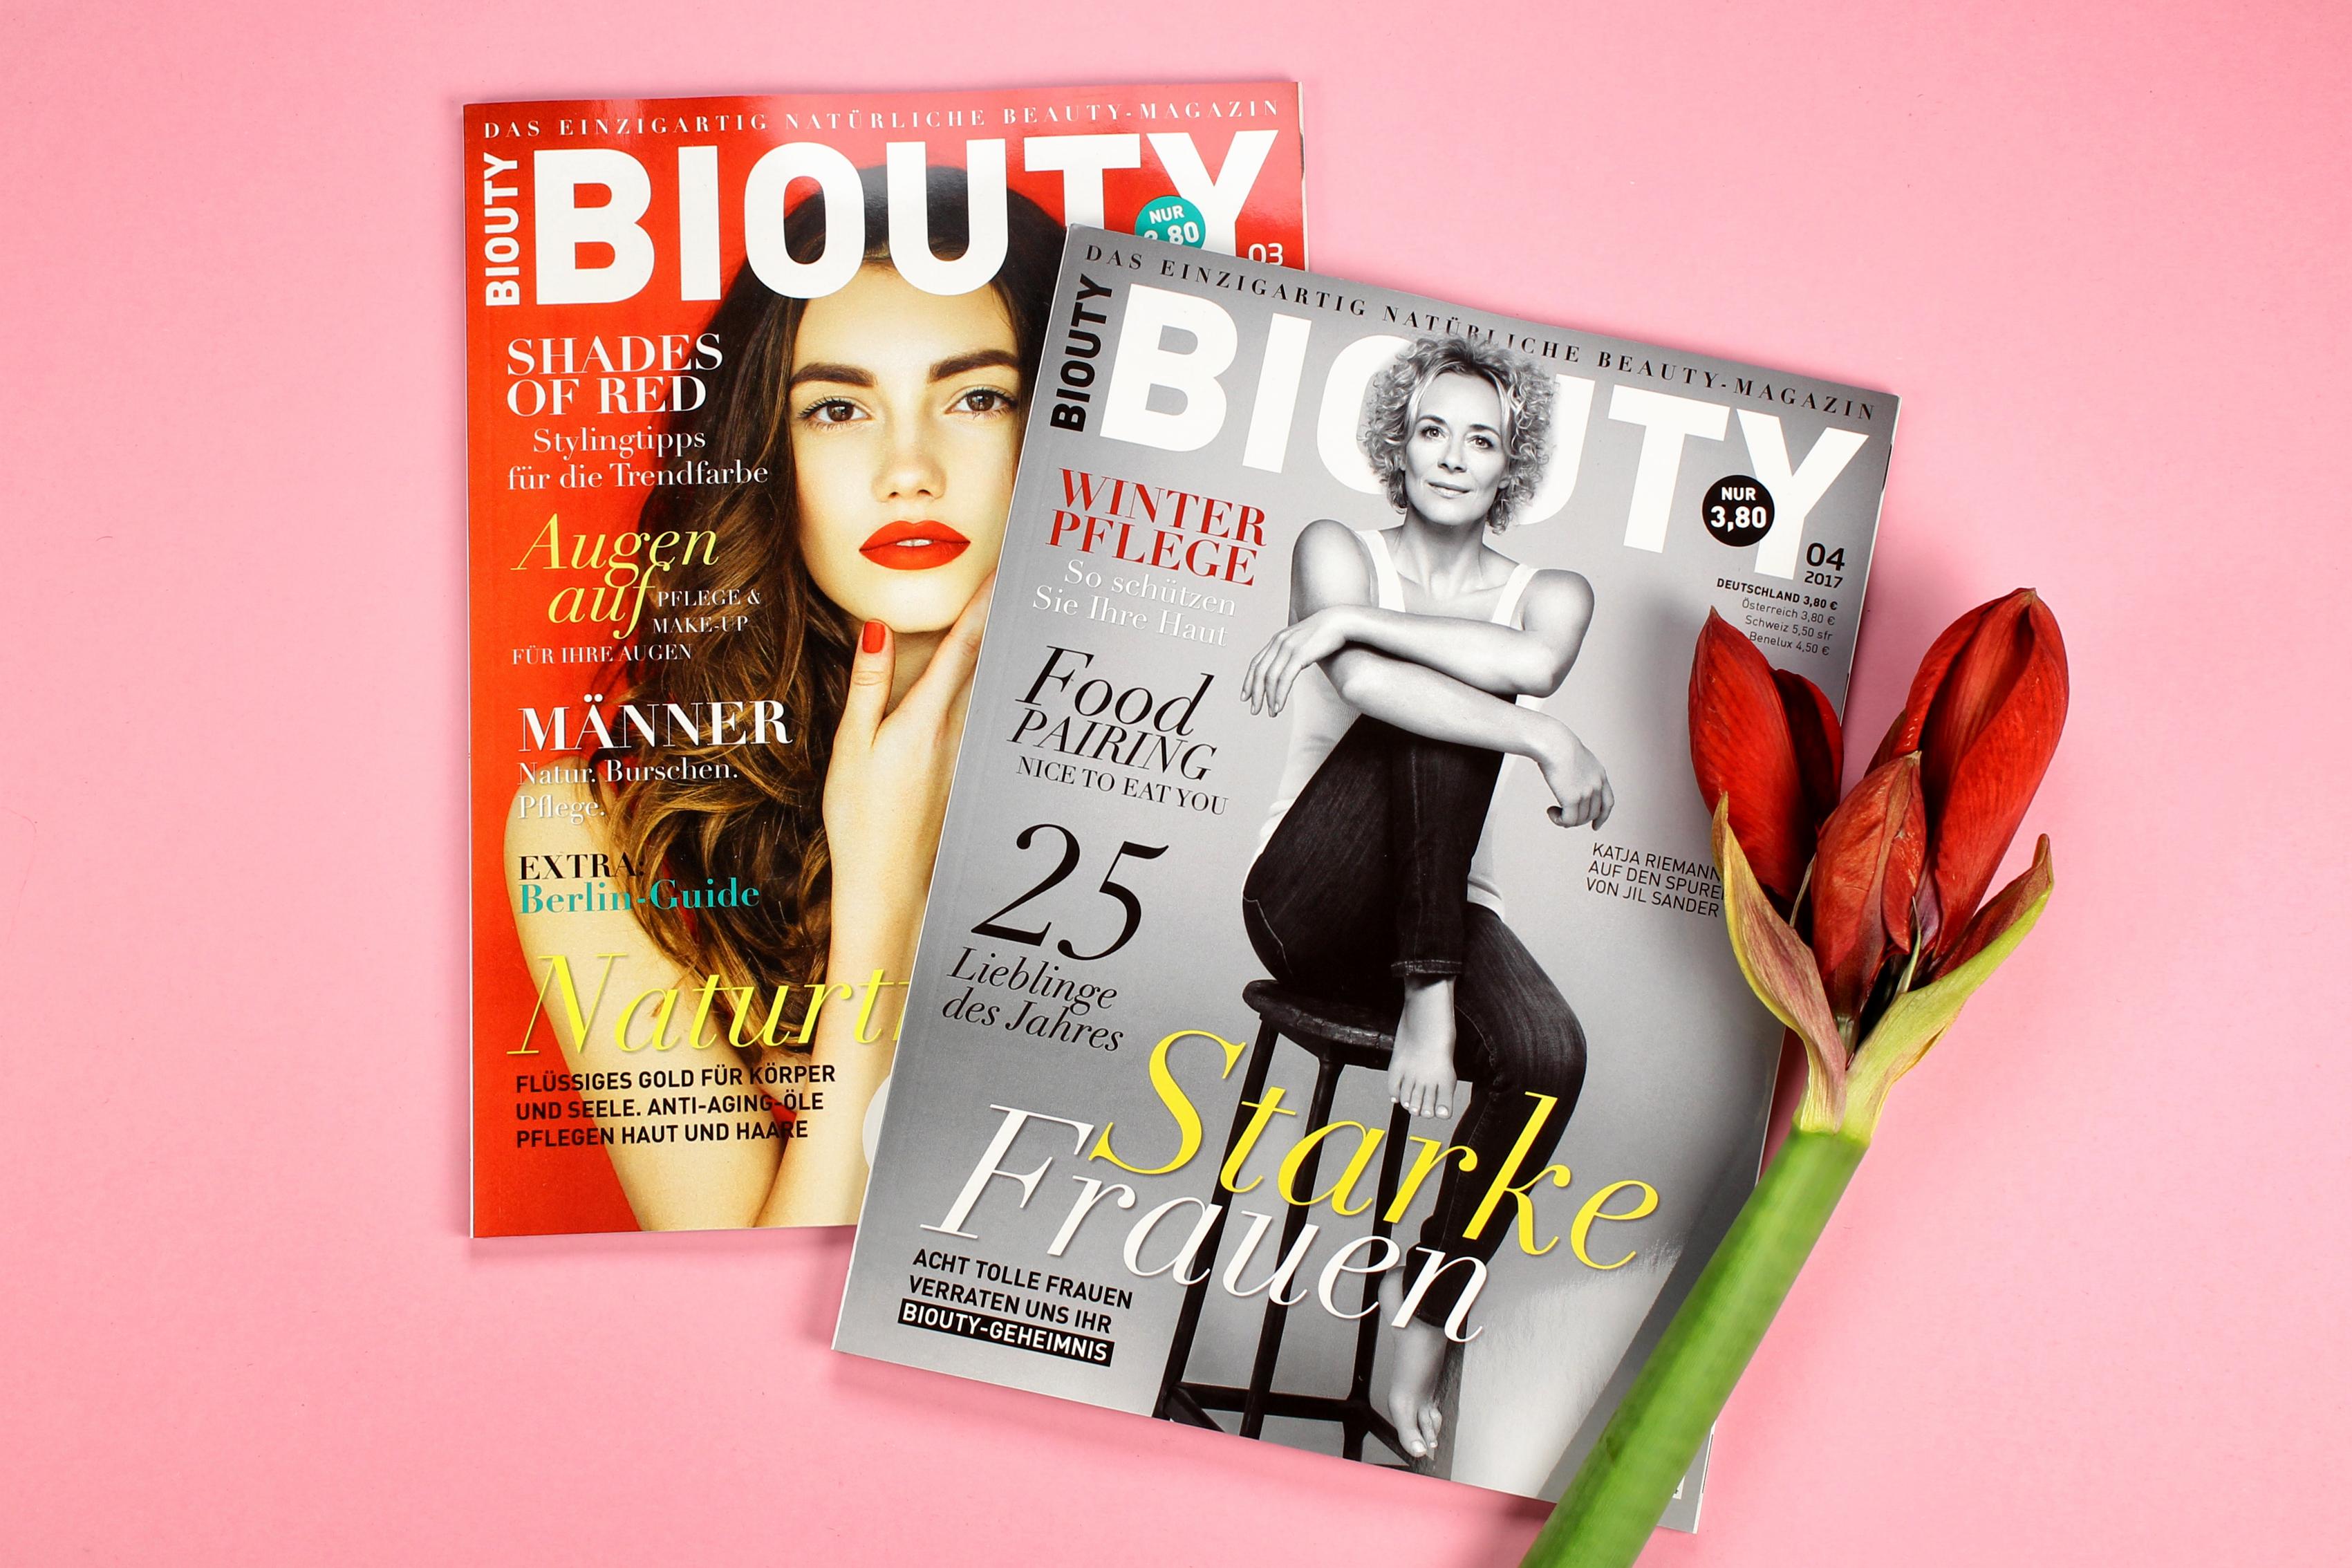 biouty-naturkosmetik-magazin-02